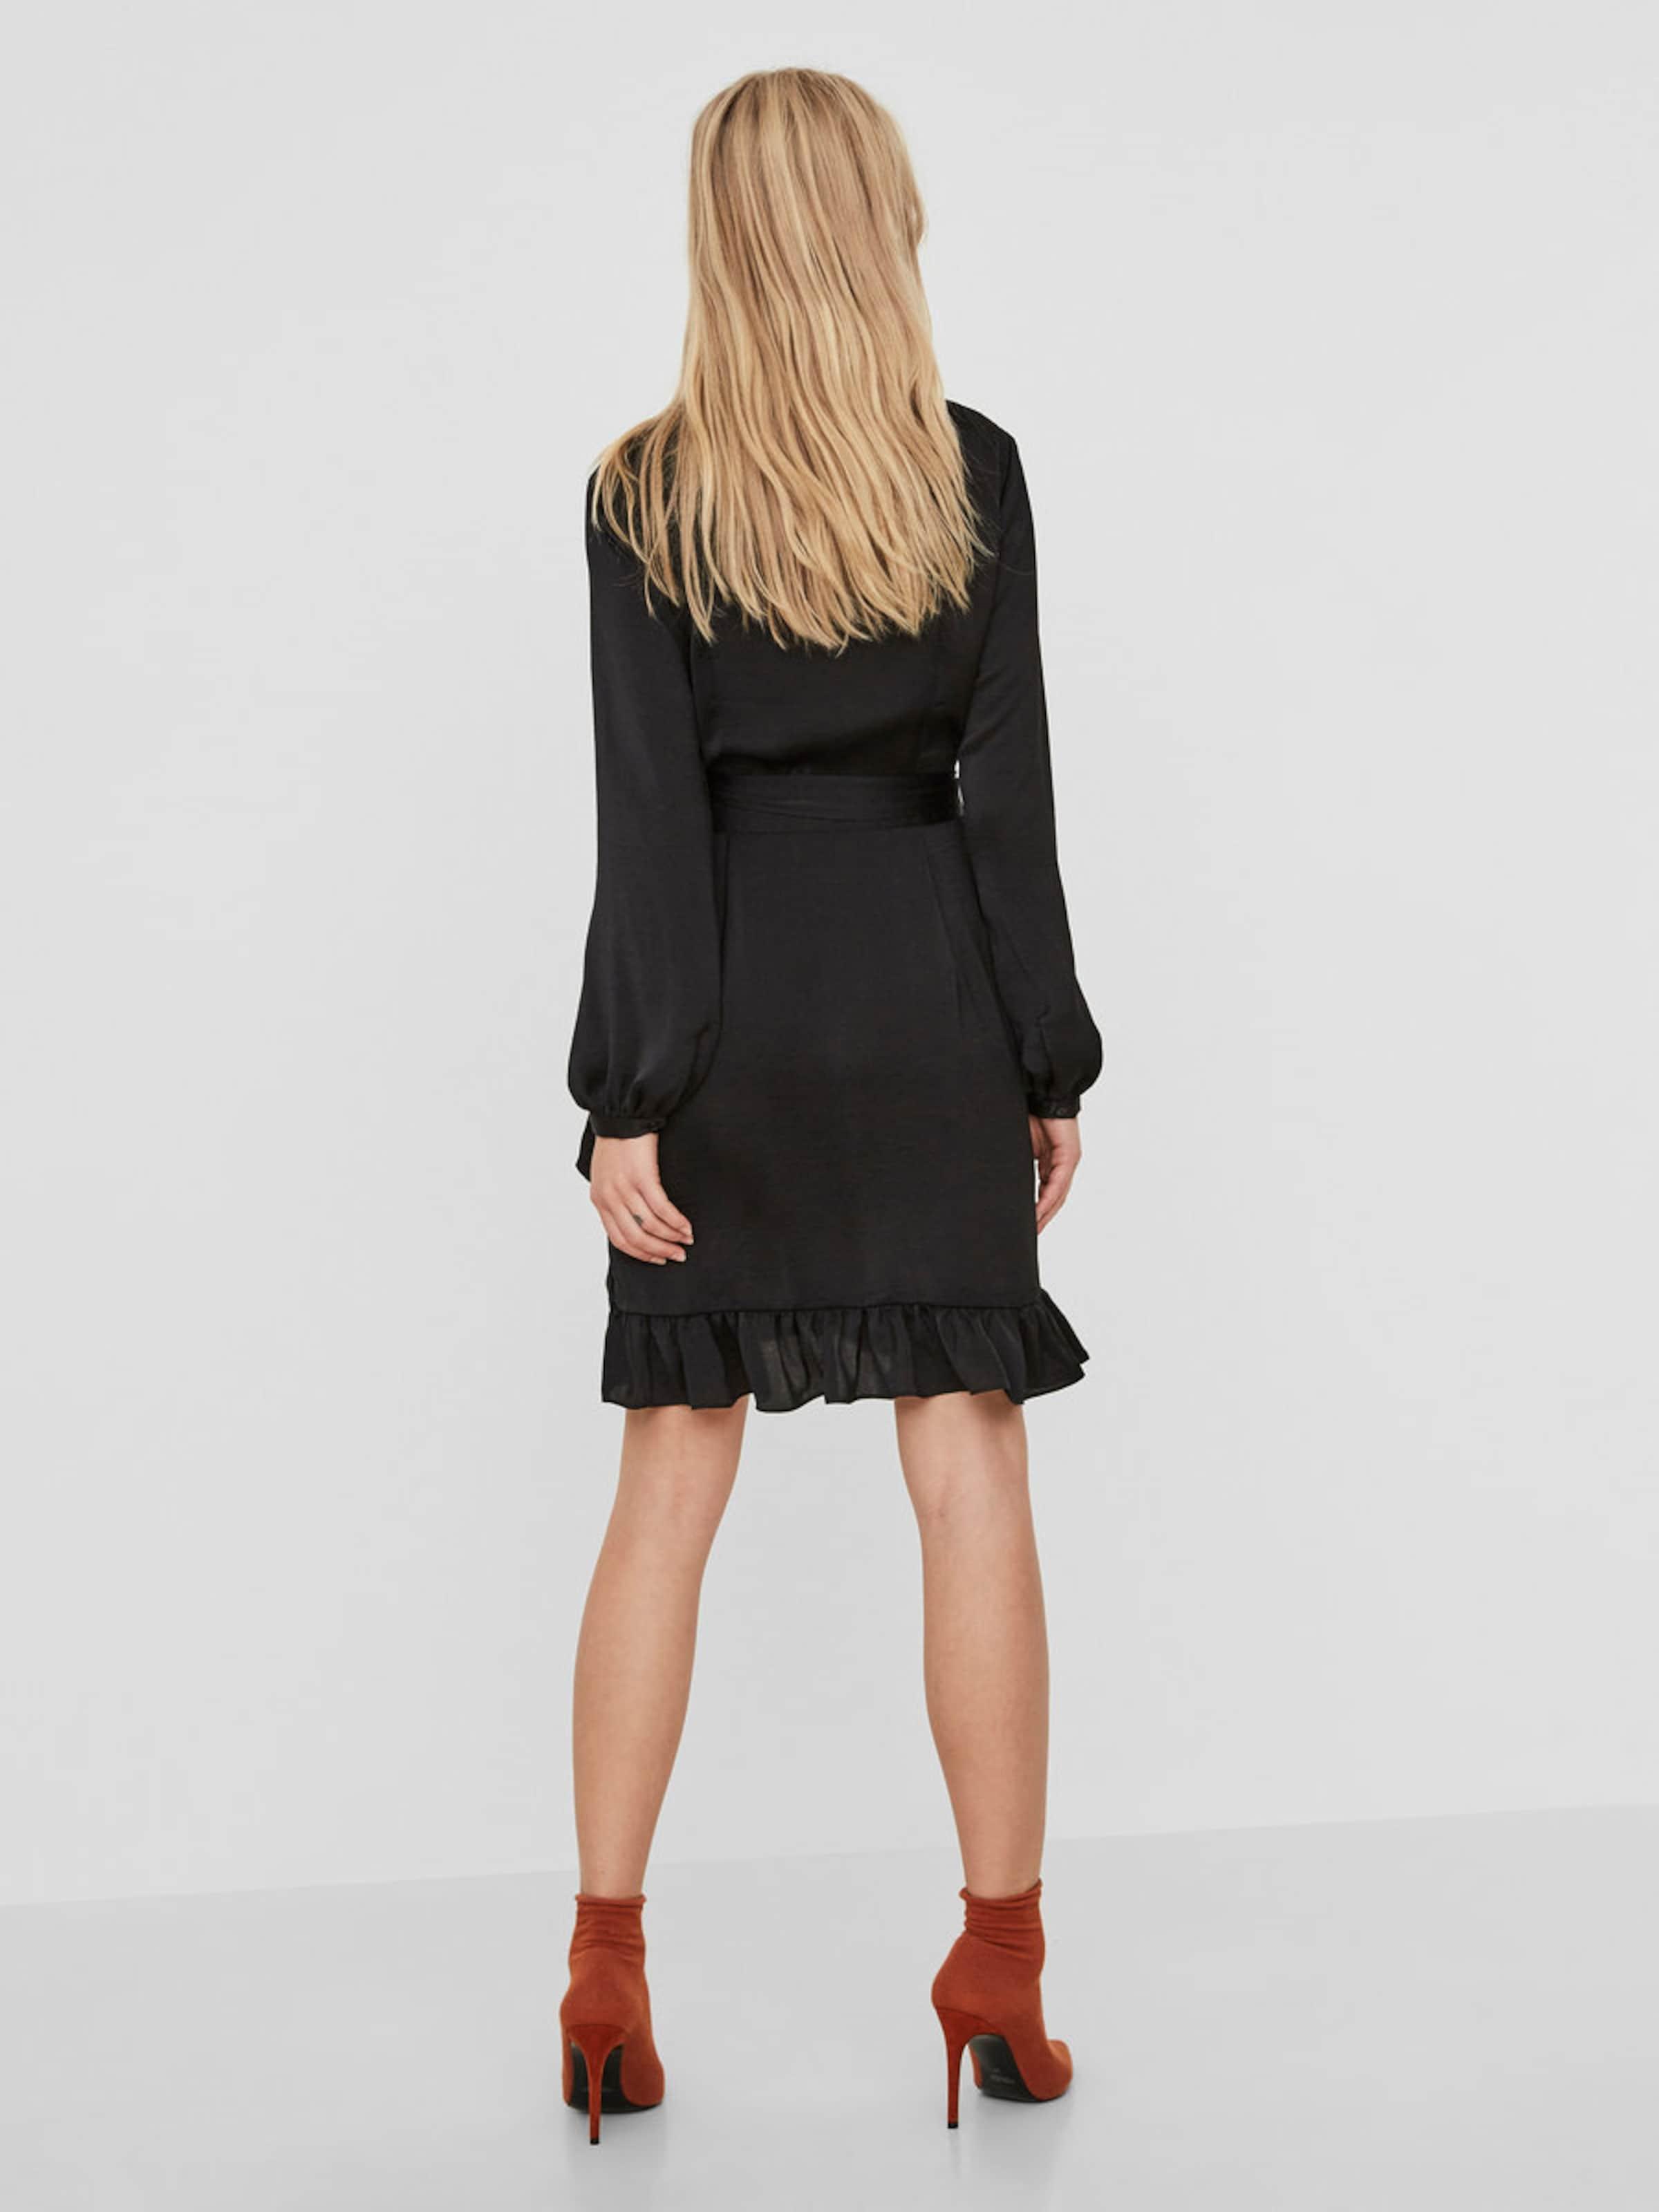 VERO MODA Feminines Wickel-Kleid Billig Authentisch Manchester Günstiger Preis Freies Verschiffen Wahl jvRoC